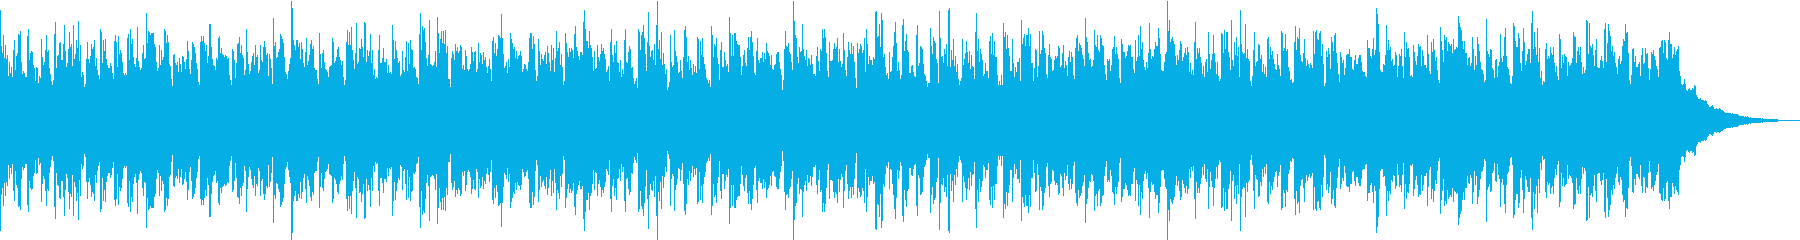 浮遊感のあるゆったりしたEDMの再生済みの波形